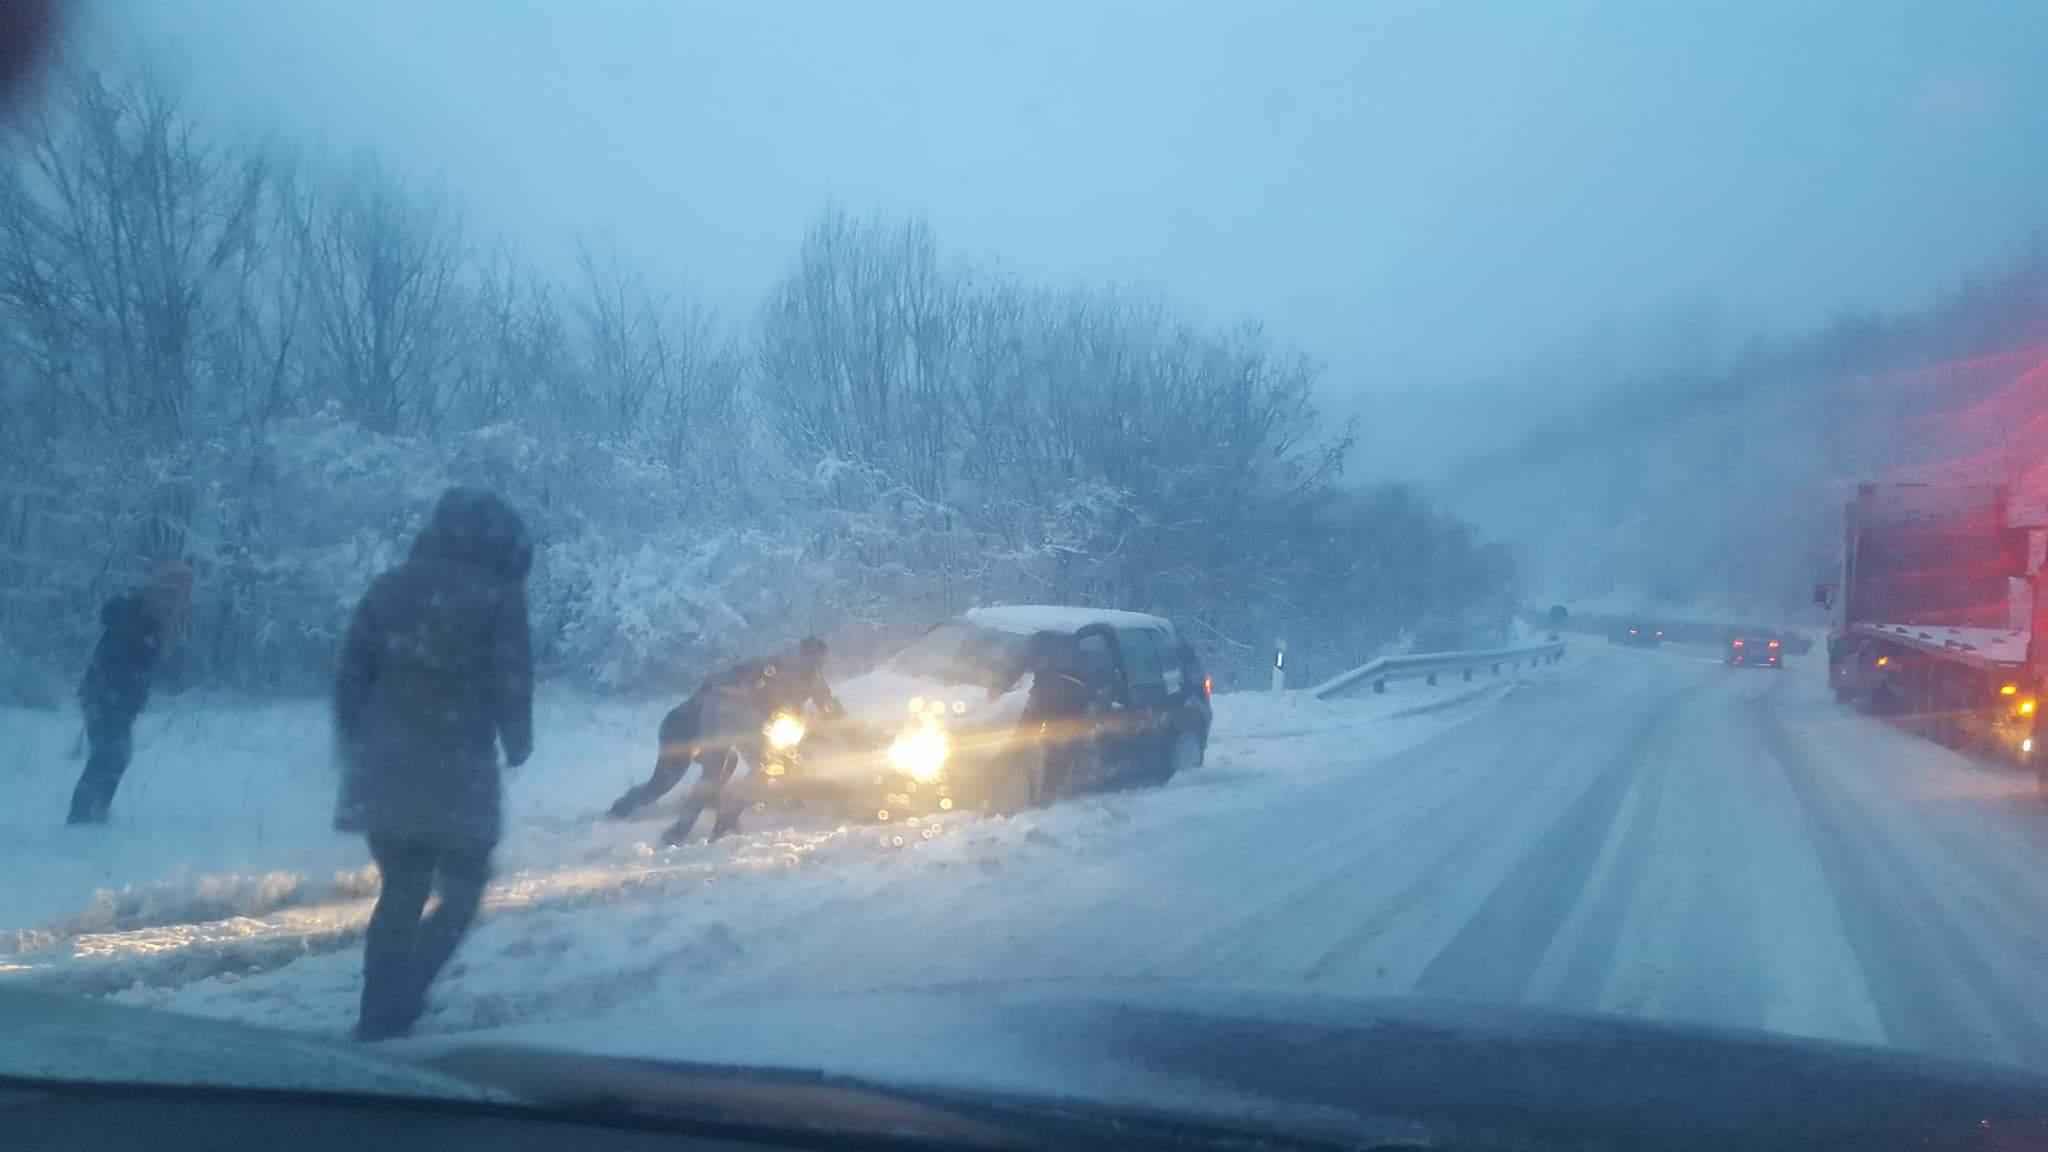 АЛАРМАНТНО: Стража блокирана од камиони и автобуси, зимска служба нема